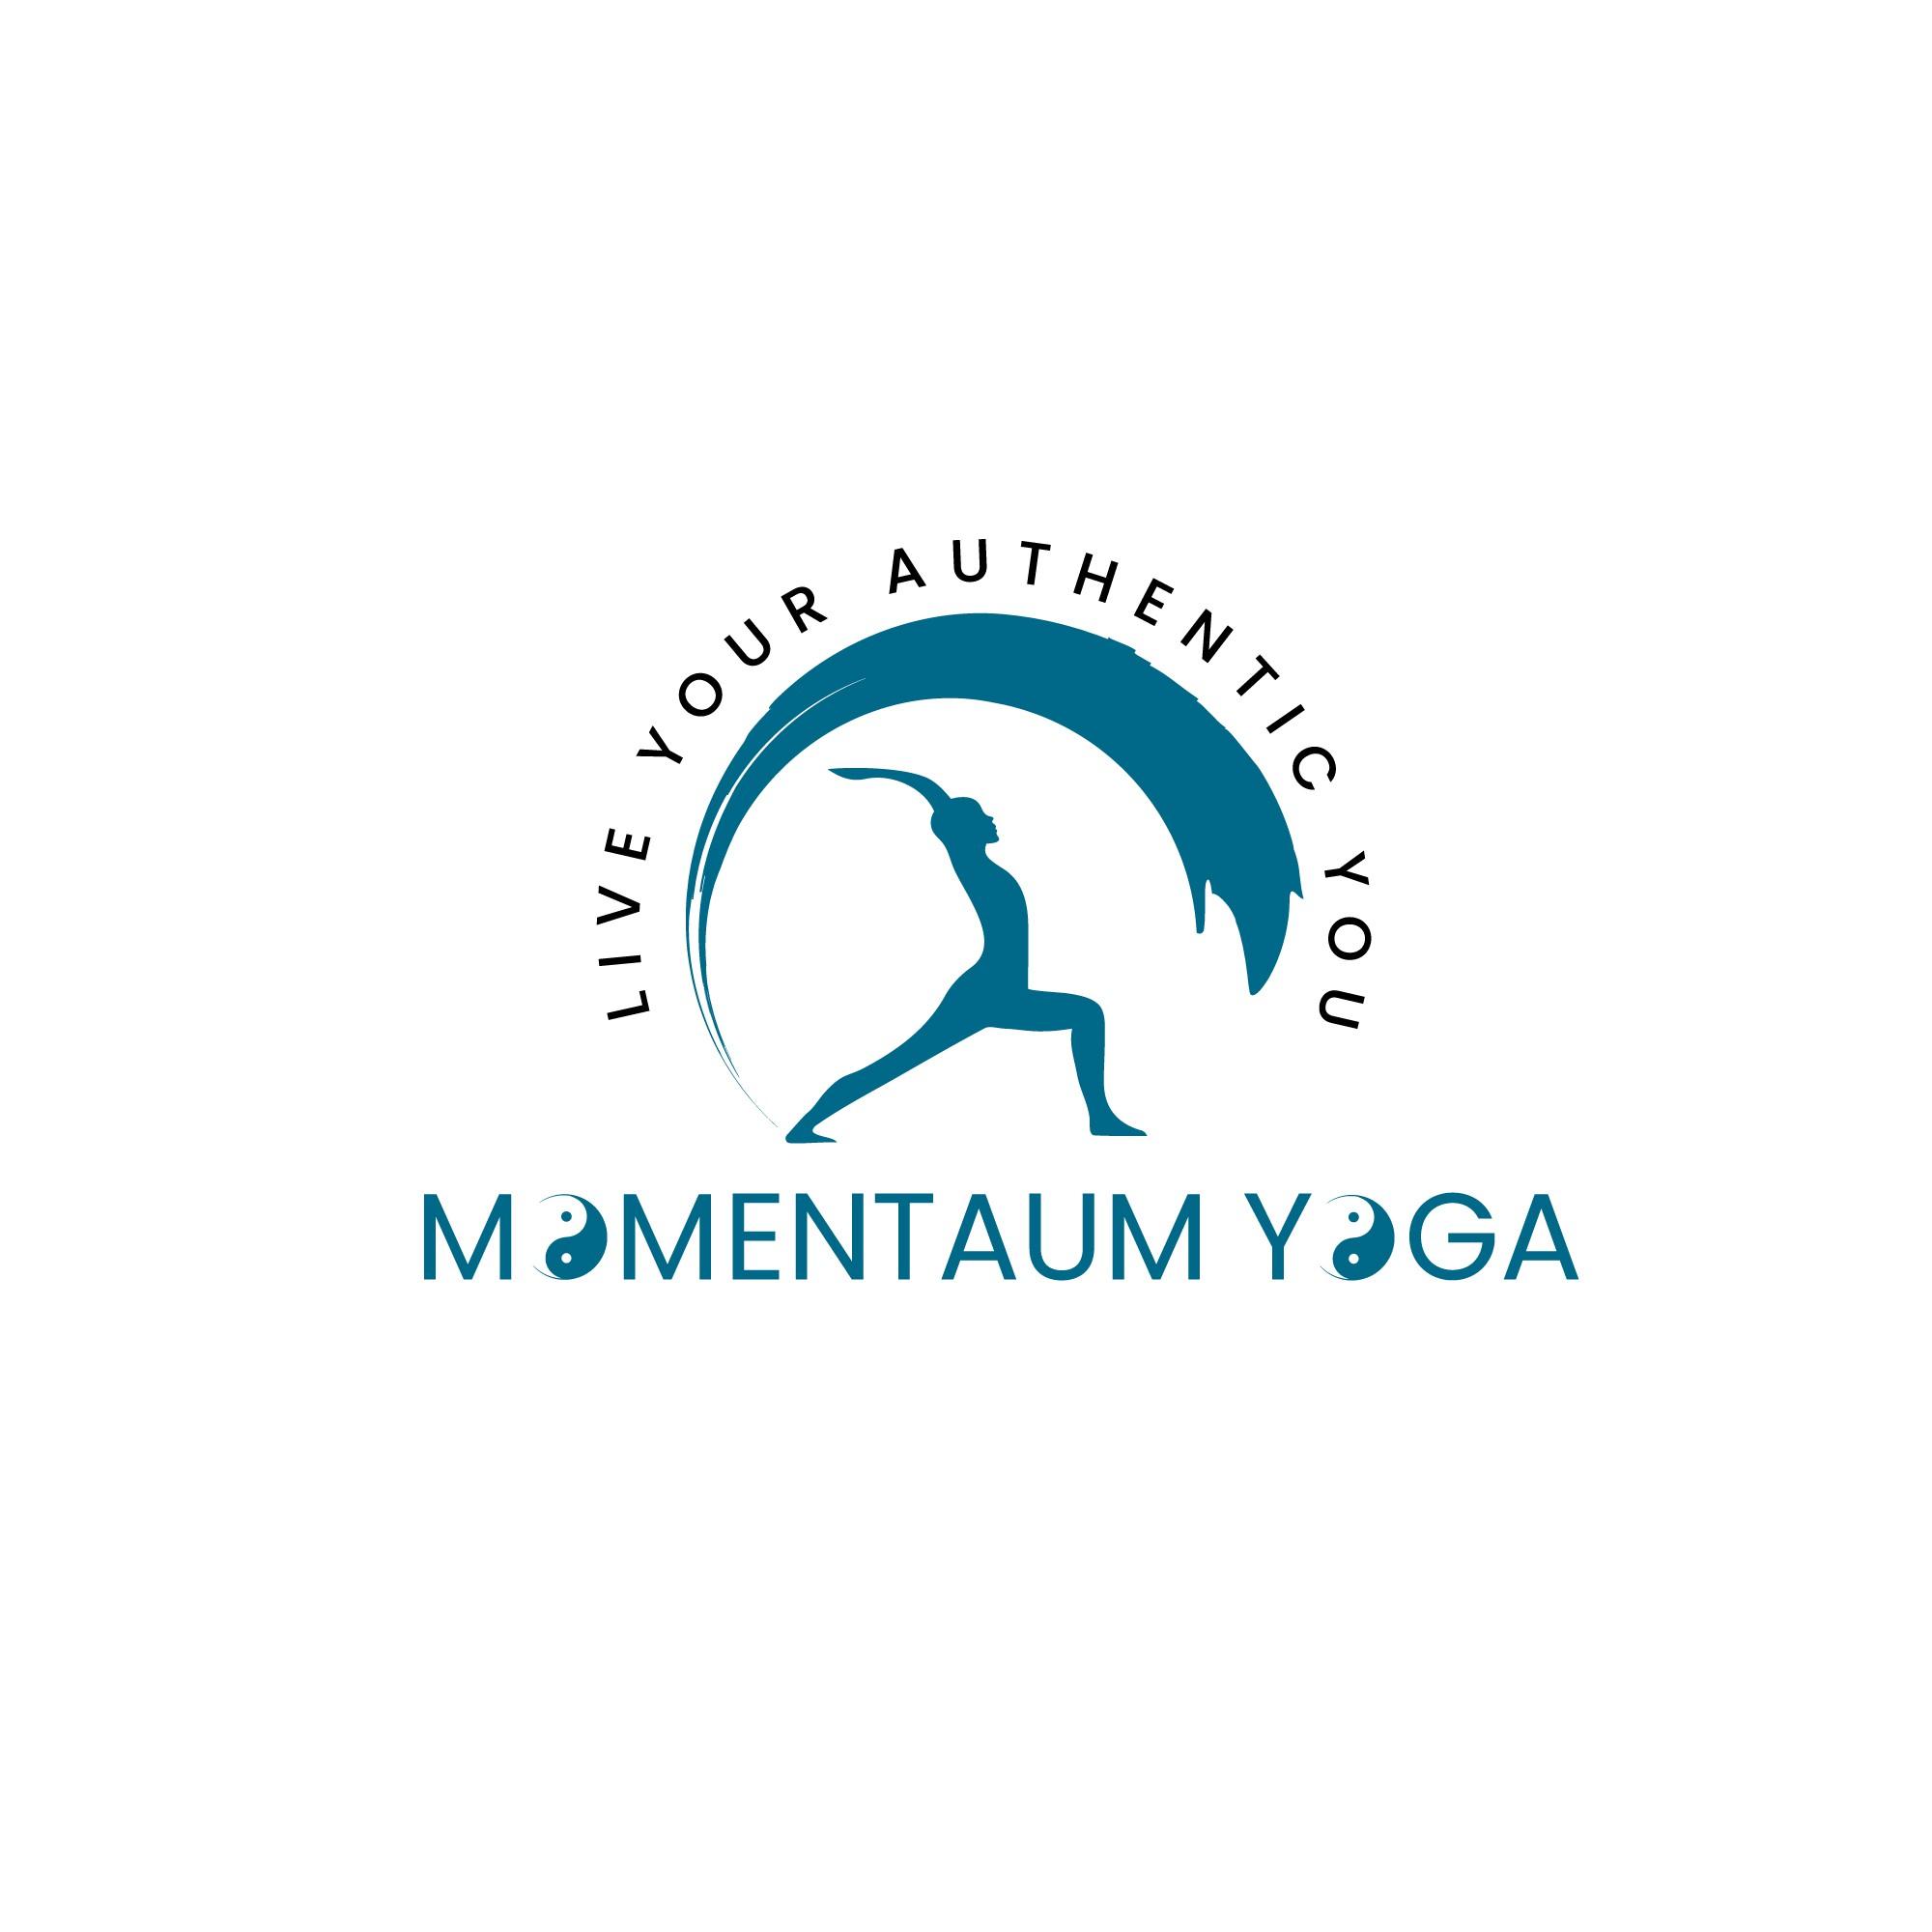 Yoga is Life!